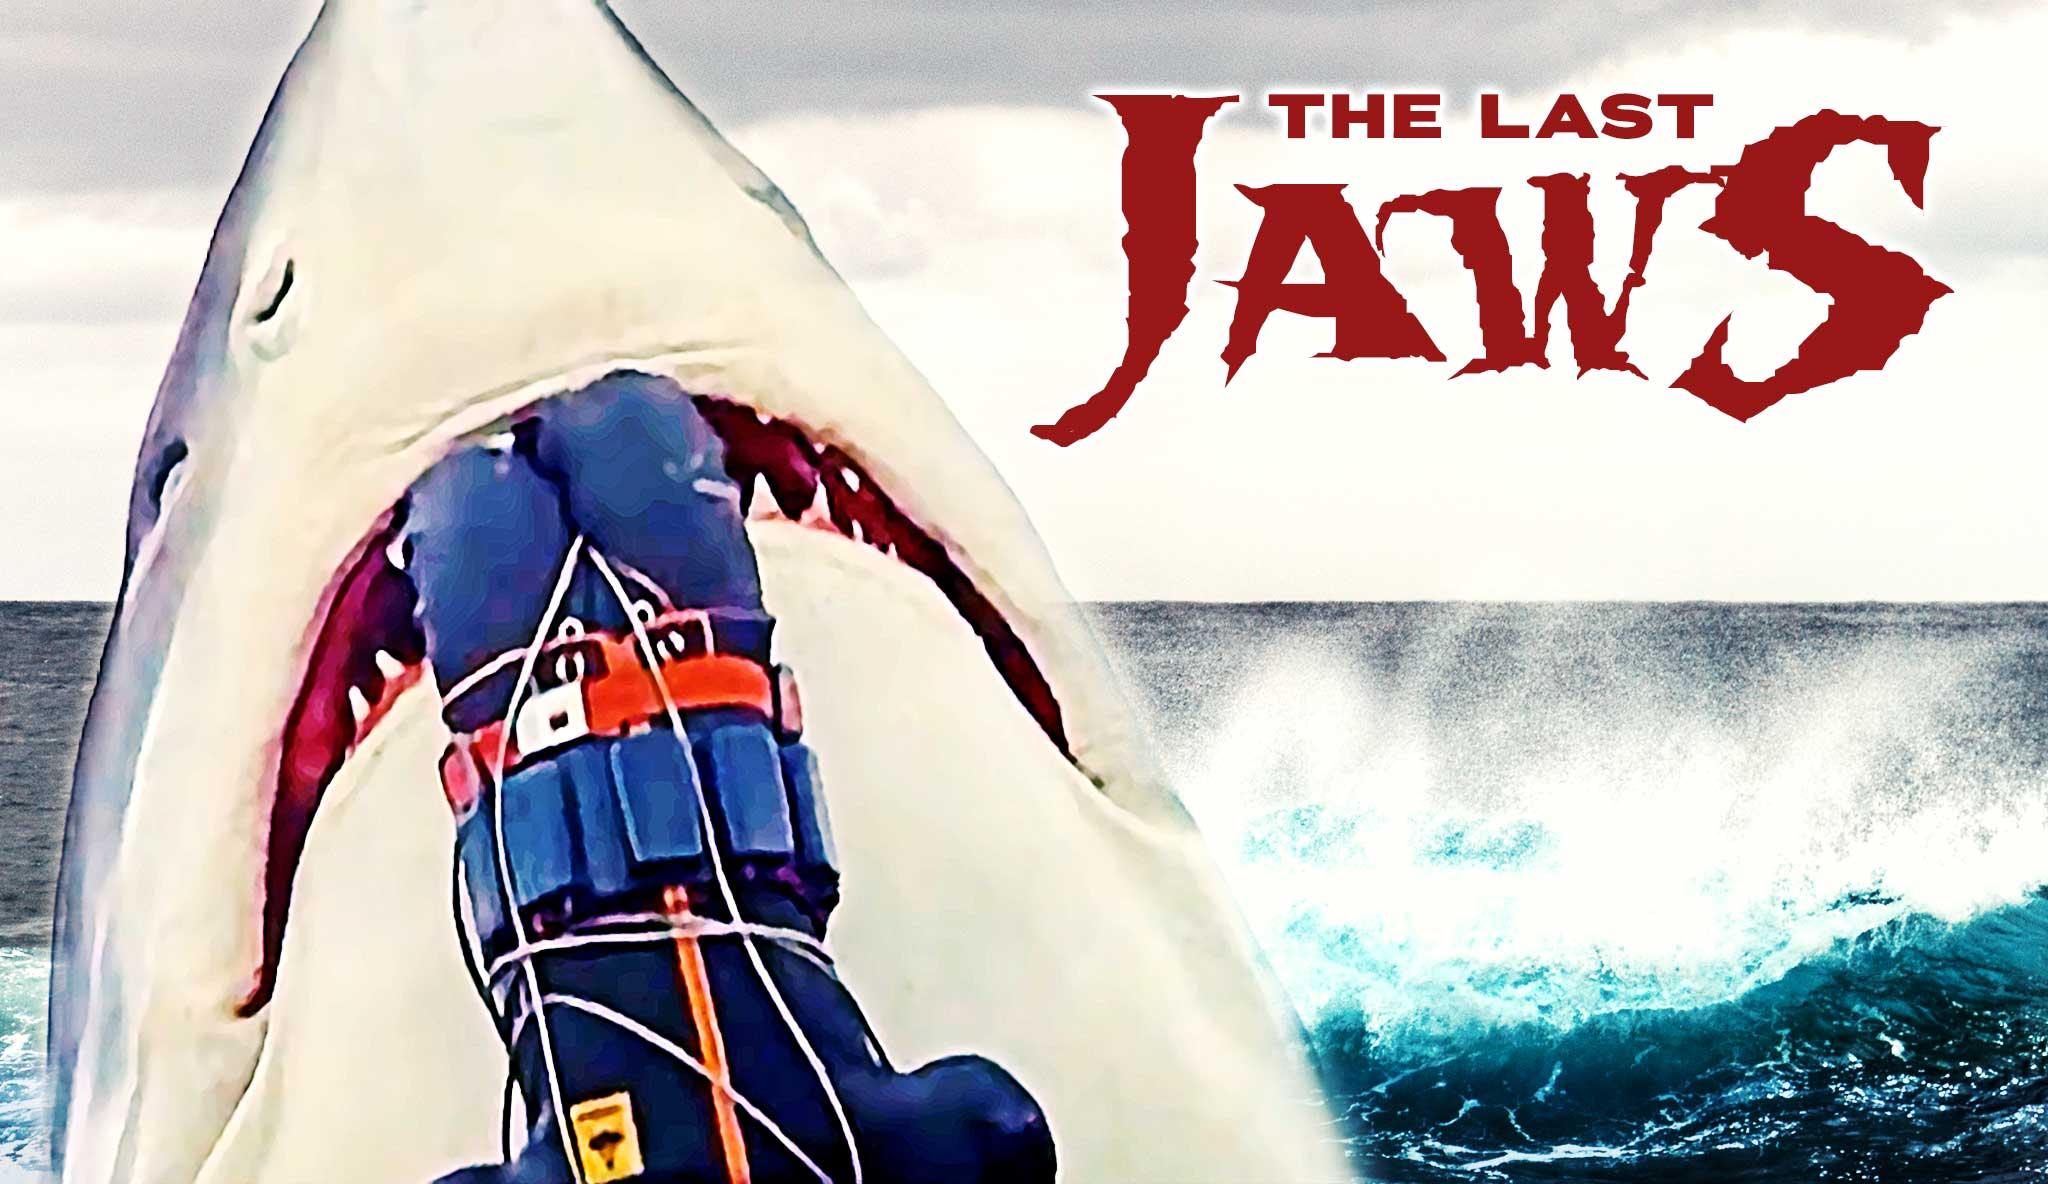 der-weisse-killer-the-last-jaws\header.jpg